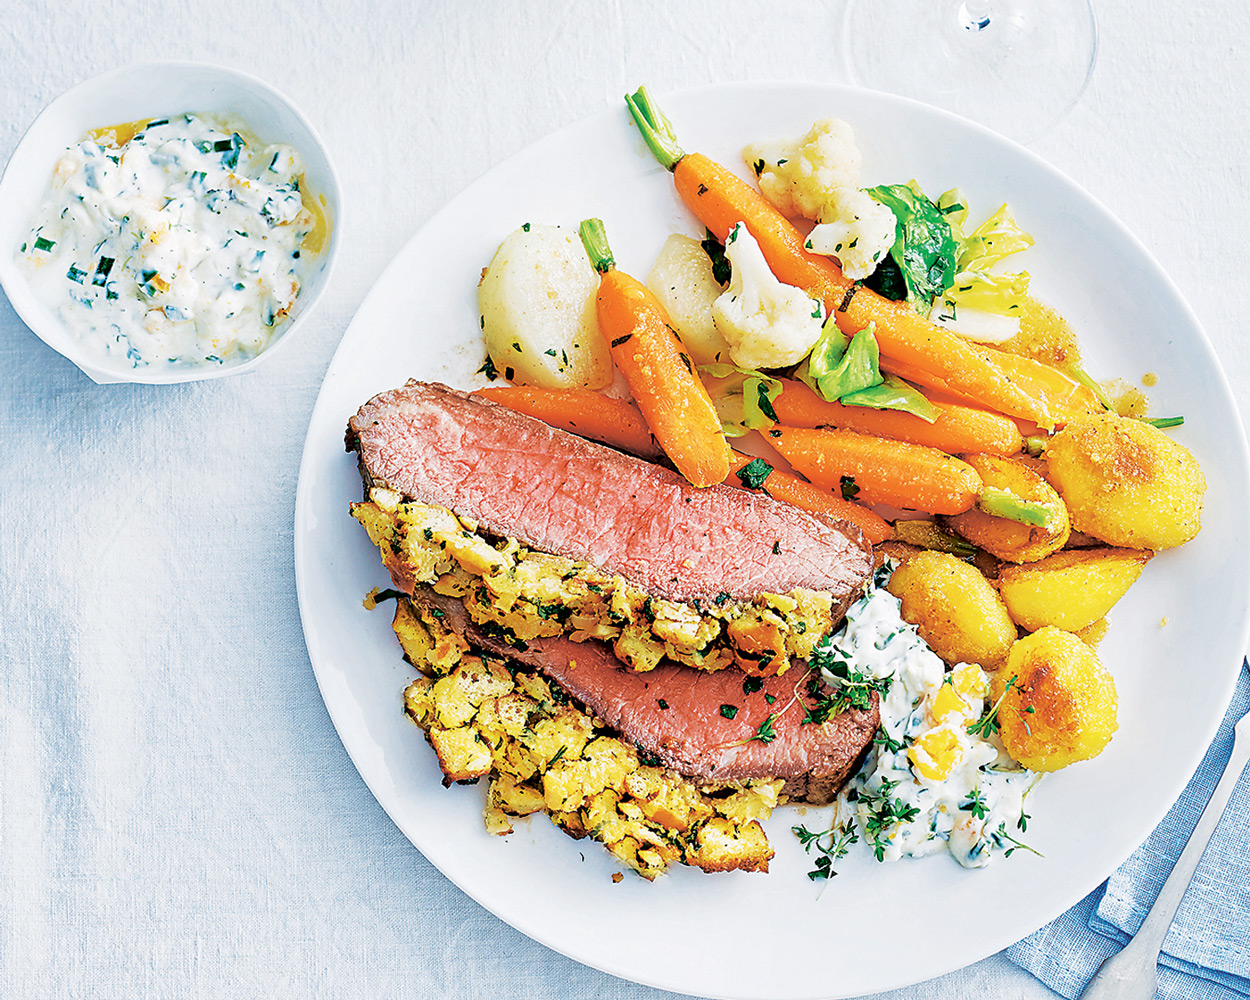 Сочное мясо в духовке: 4 вкусных рецепта